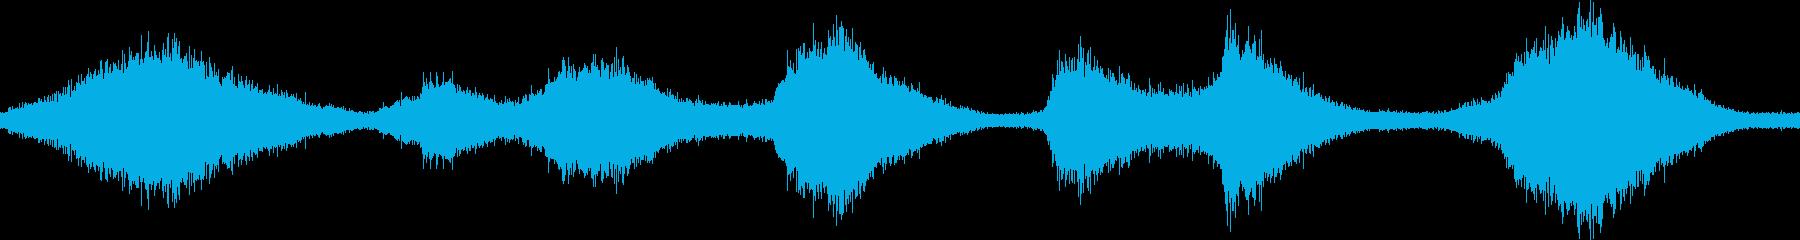 迫力・壮大・幻想的な波音 徳島  ループの再生済みの波形